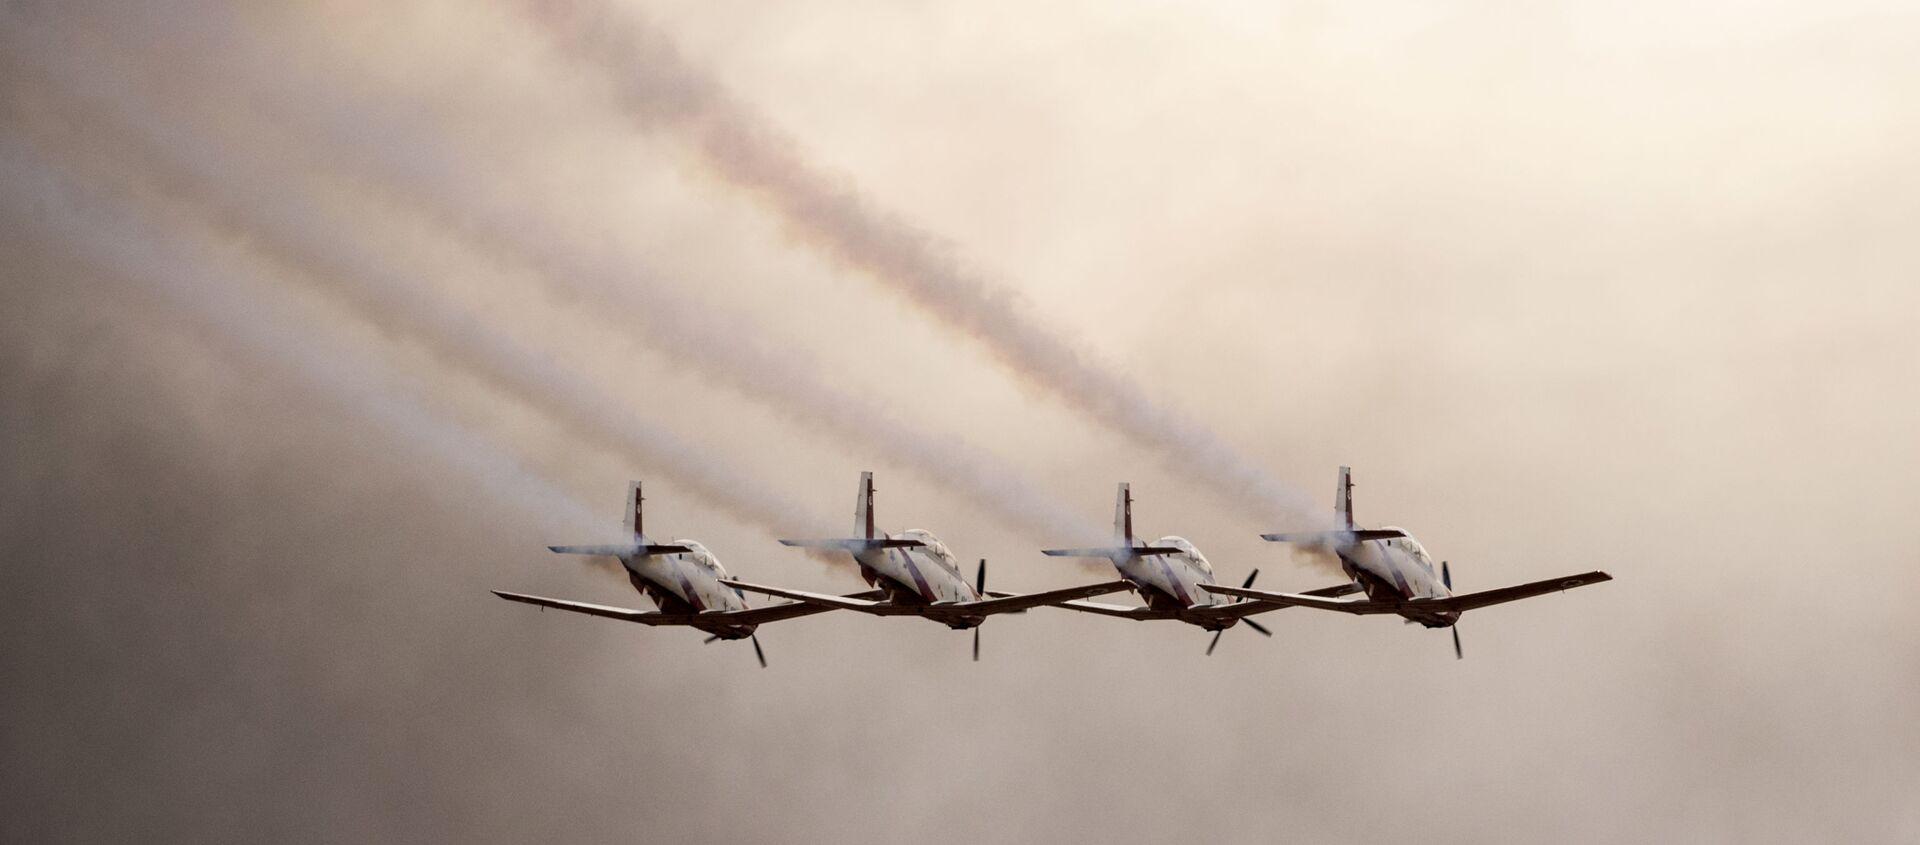 İsrail'in Hatzerim Hava Üssü'nde pilotların mezuniyet töreni - Sputnik Türkiye, 1920, 19.04.2021